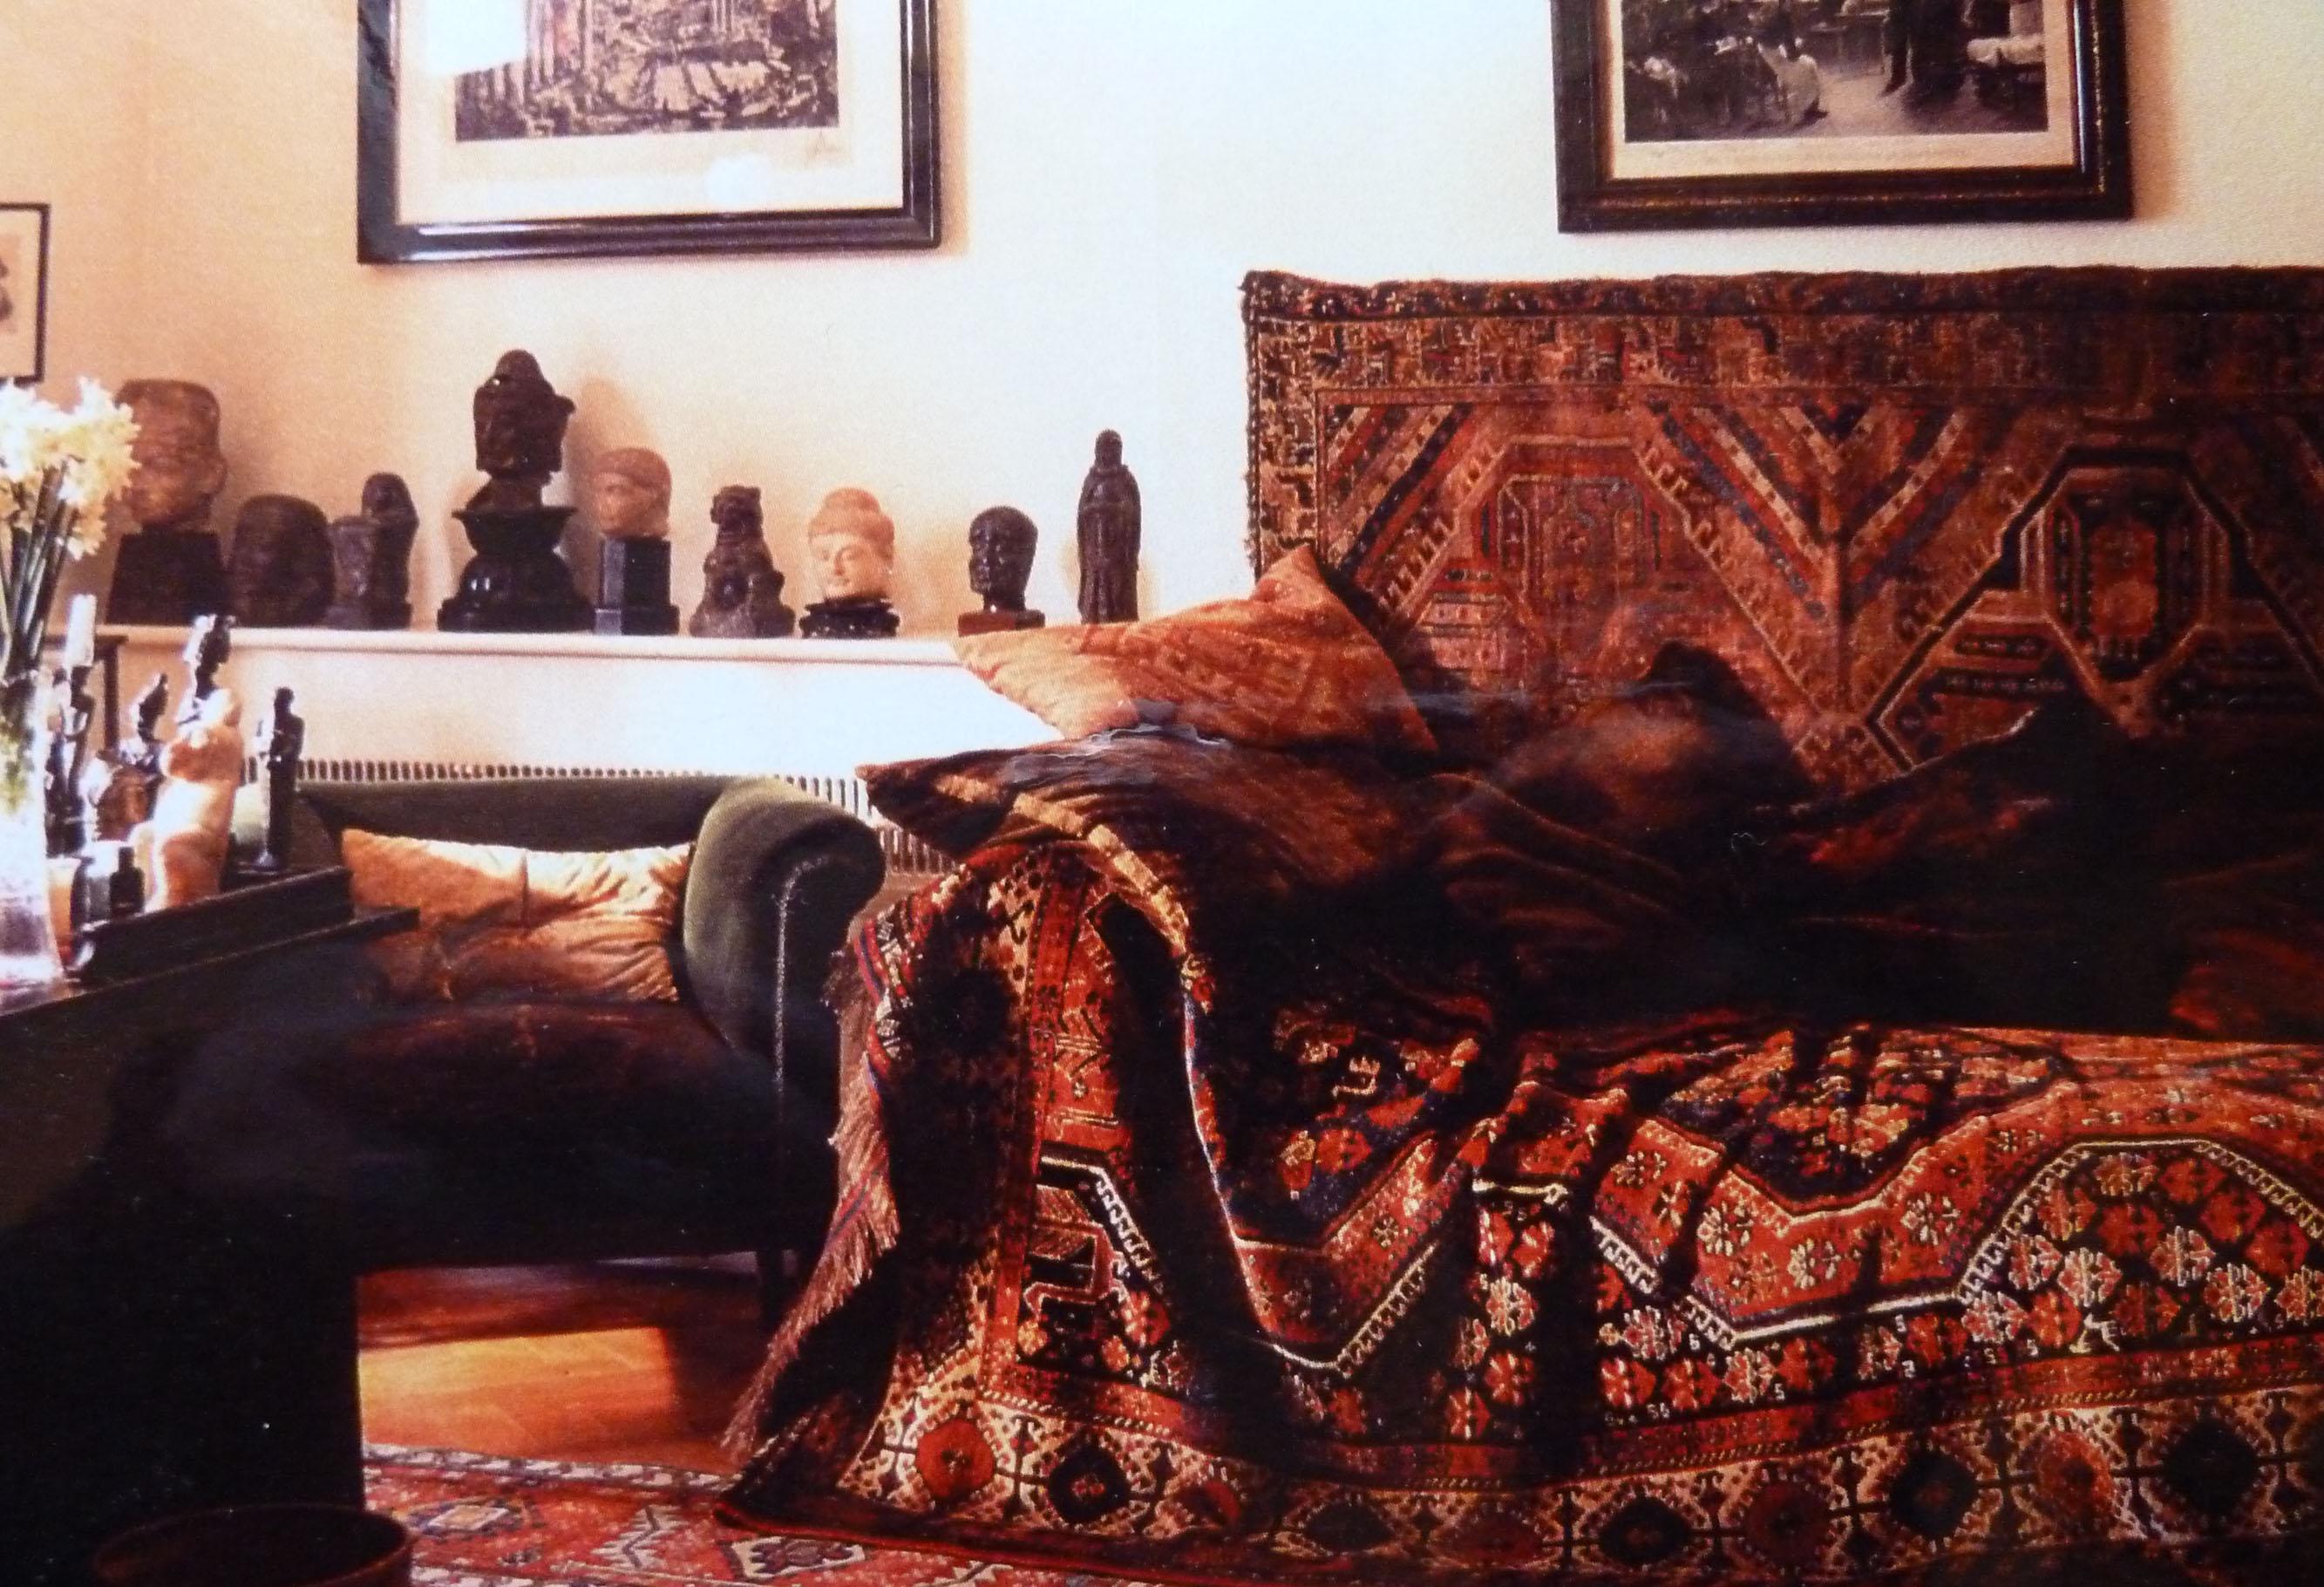 The Freud Museum Chloenelkin